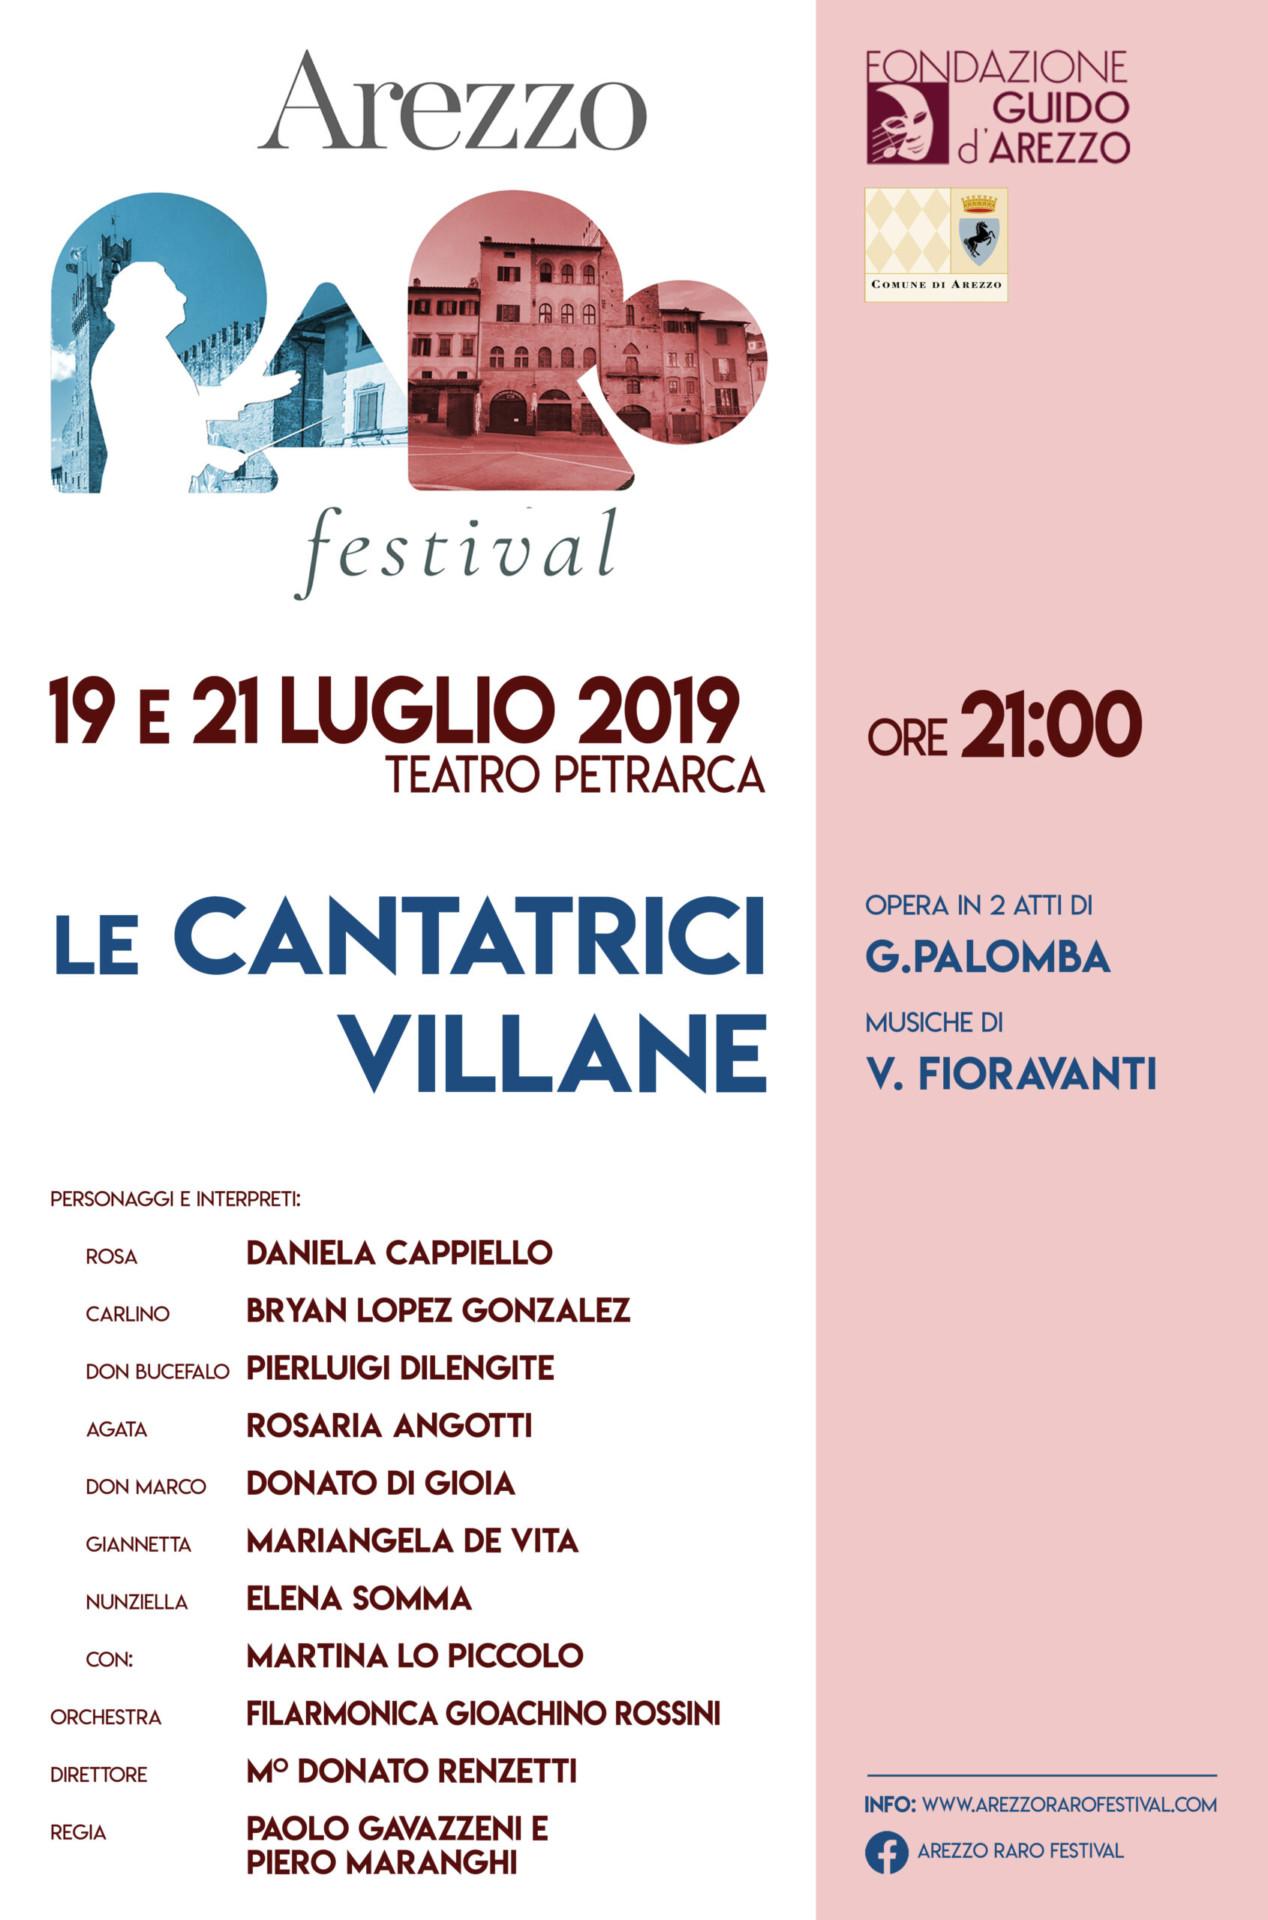 Le Cantatrici Villane